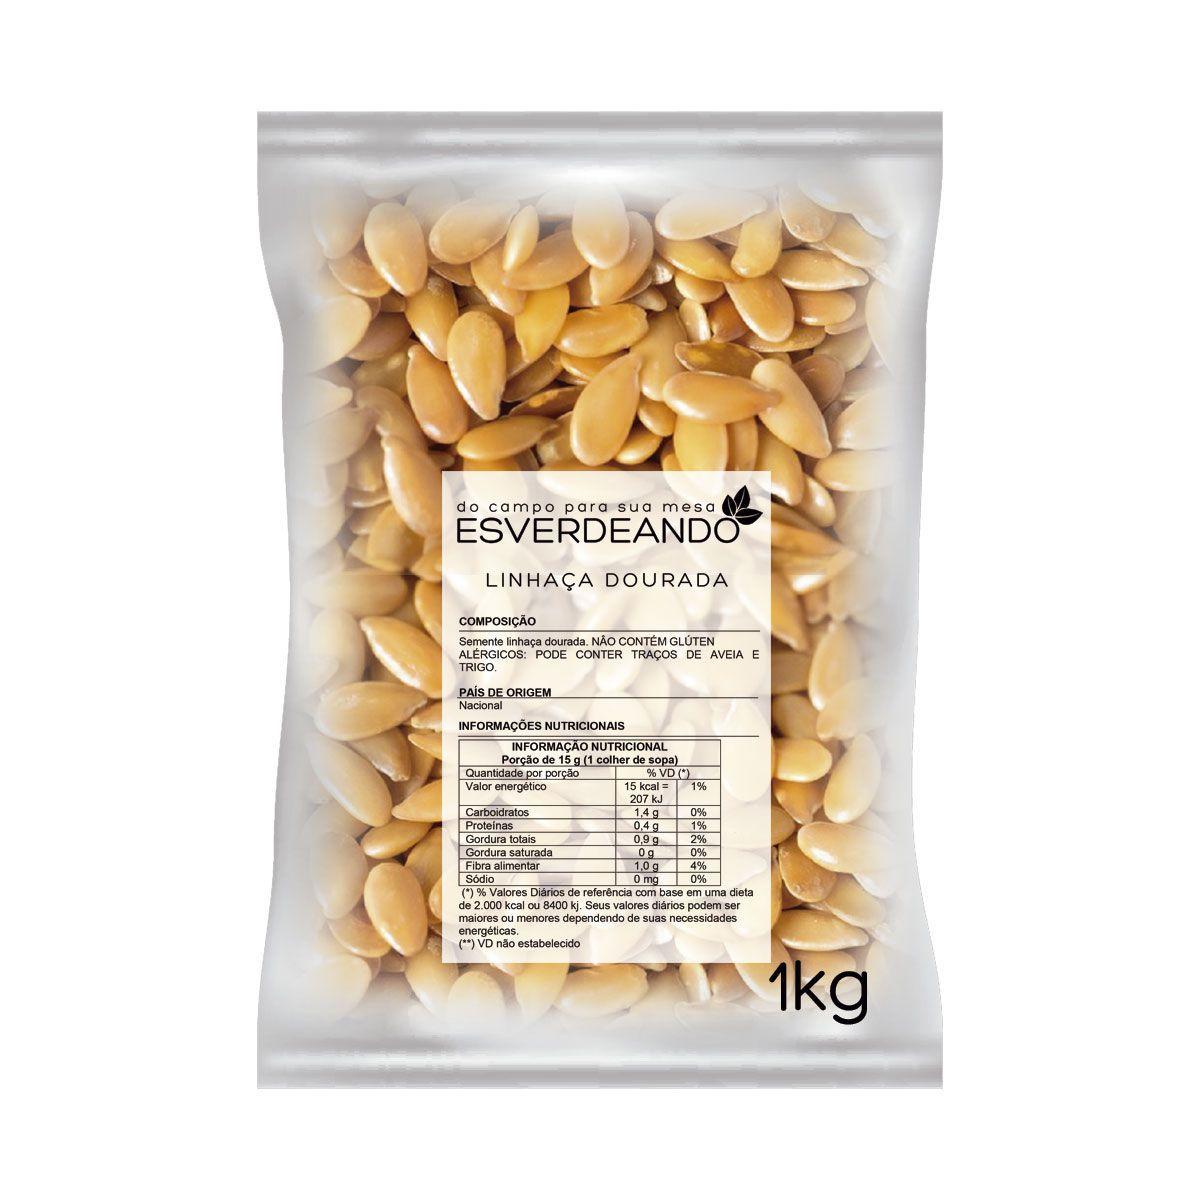 Kit Óleo de Coco Extra Virgem 3,2L + Semente de Linhaça Dourada 1kg - Copra/Esverdeando